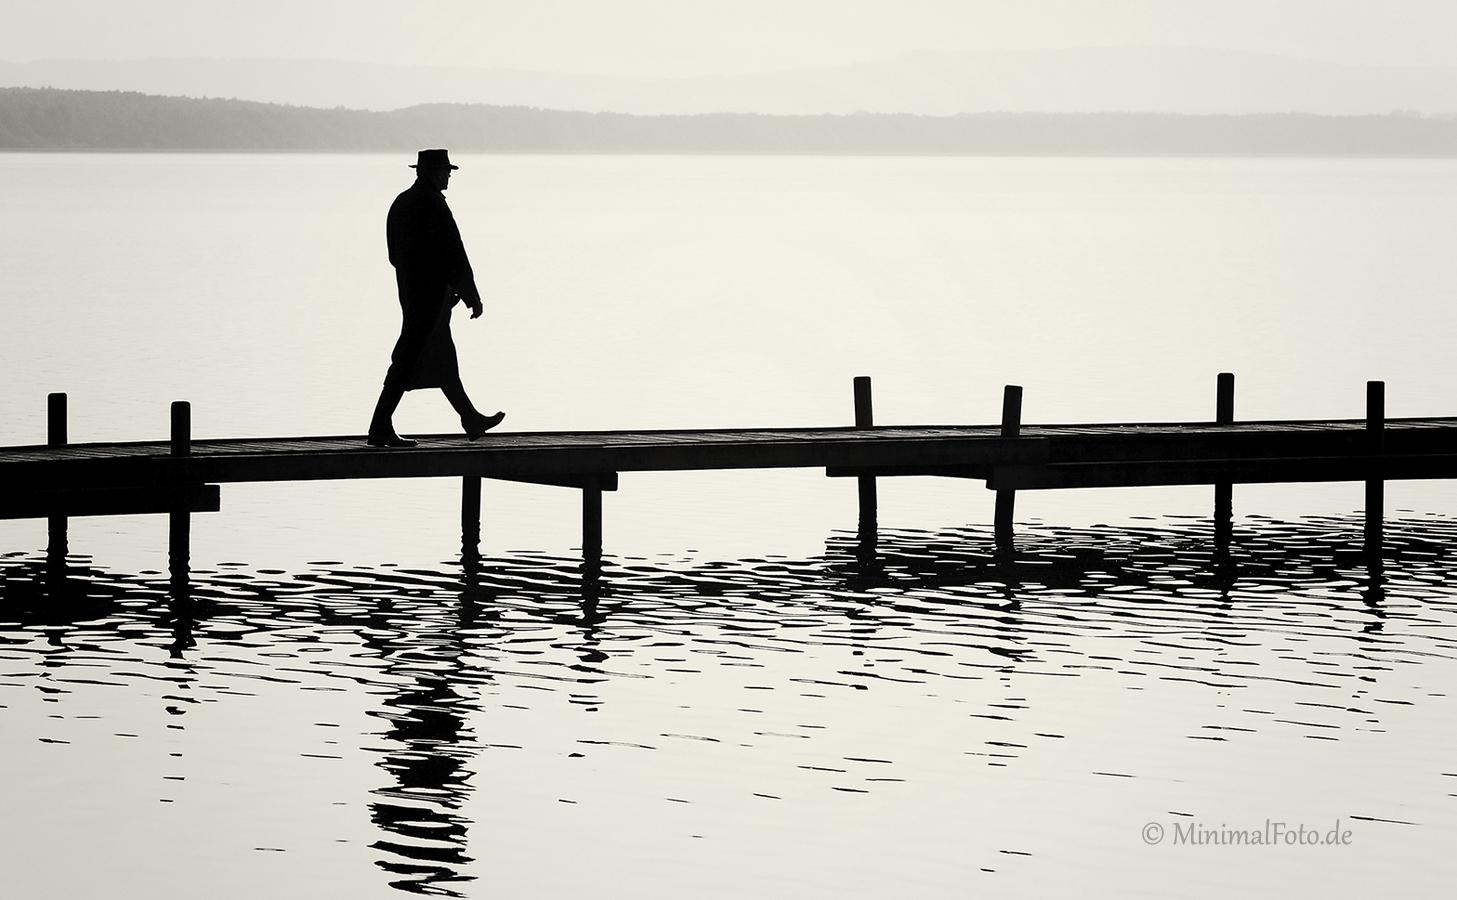 gehen-walking-Mann-man-Steg-jetty-See-Lake-Minimalismus-minimalistisch-minimalistic-people-Menschen-Silhouette-black-white-schwarz-weiss-E_O1I0798a-sw